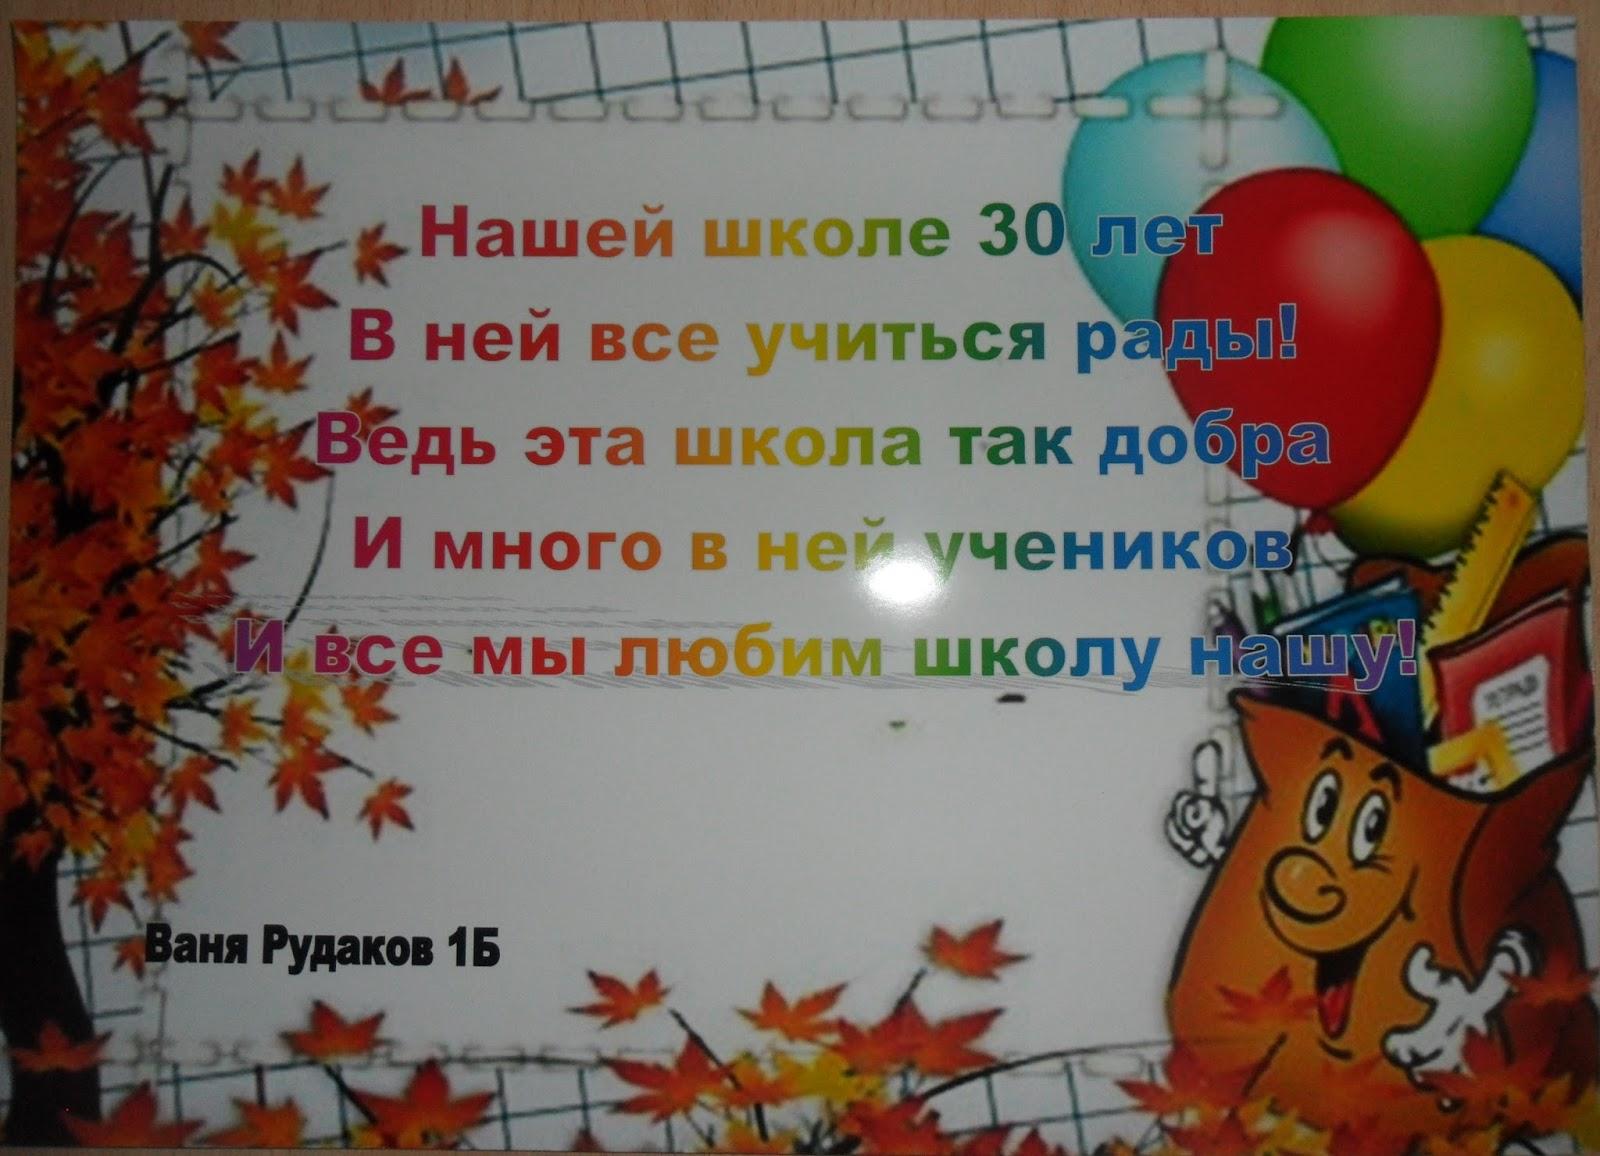 Картинки для поздравления школы с юбилеем